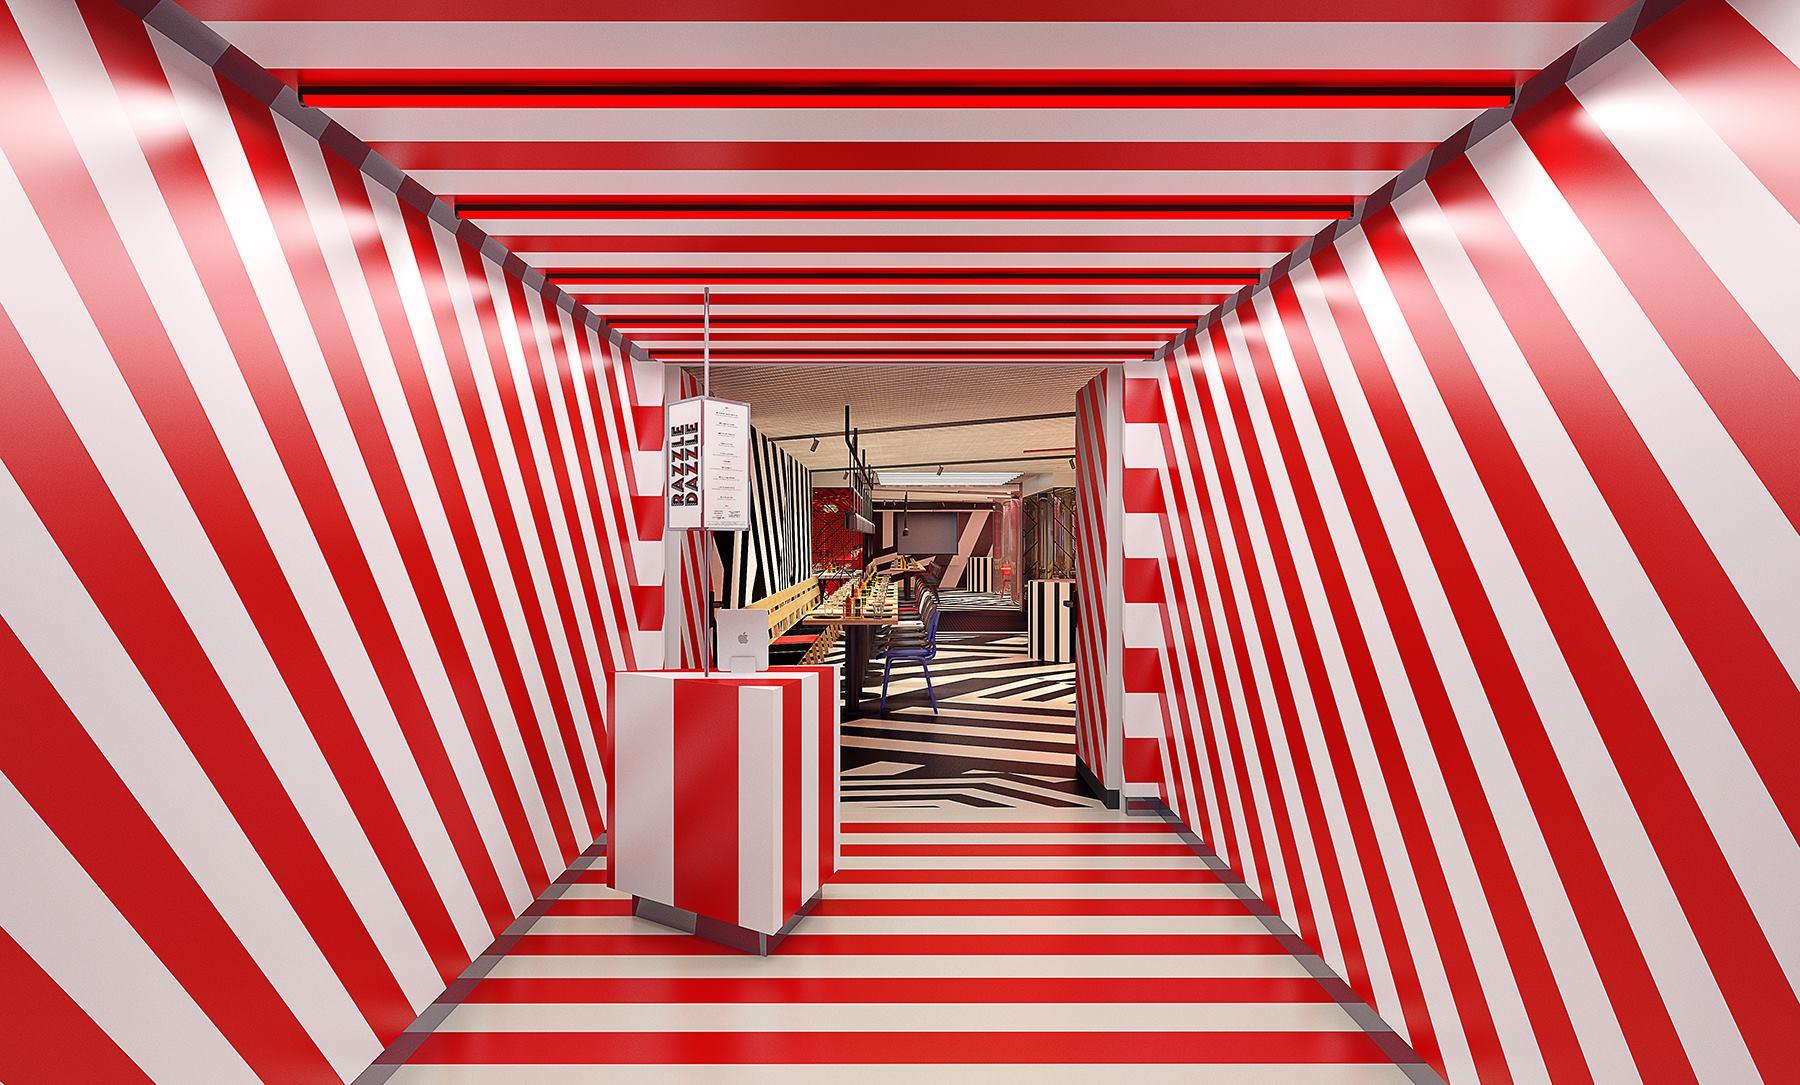 Razzle Dazzle Entrance